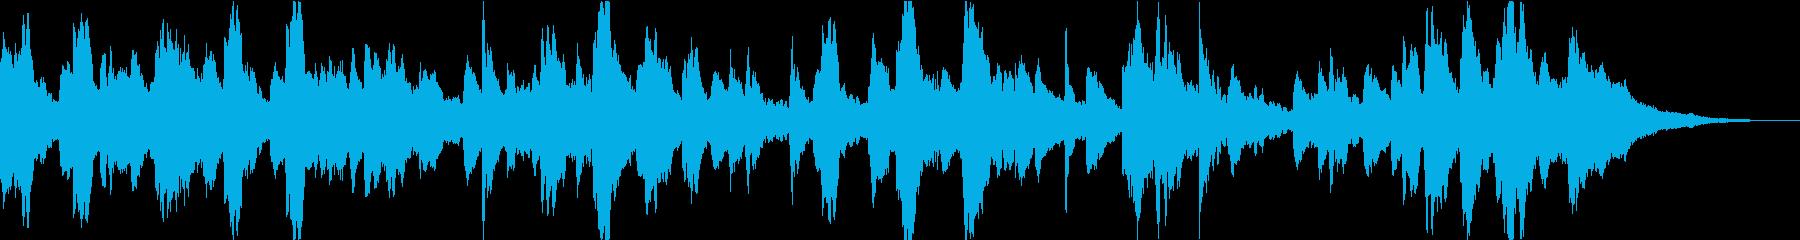 ドキュメンタリーに最適アンビエントピアノの再生済みの波形